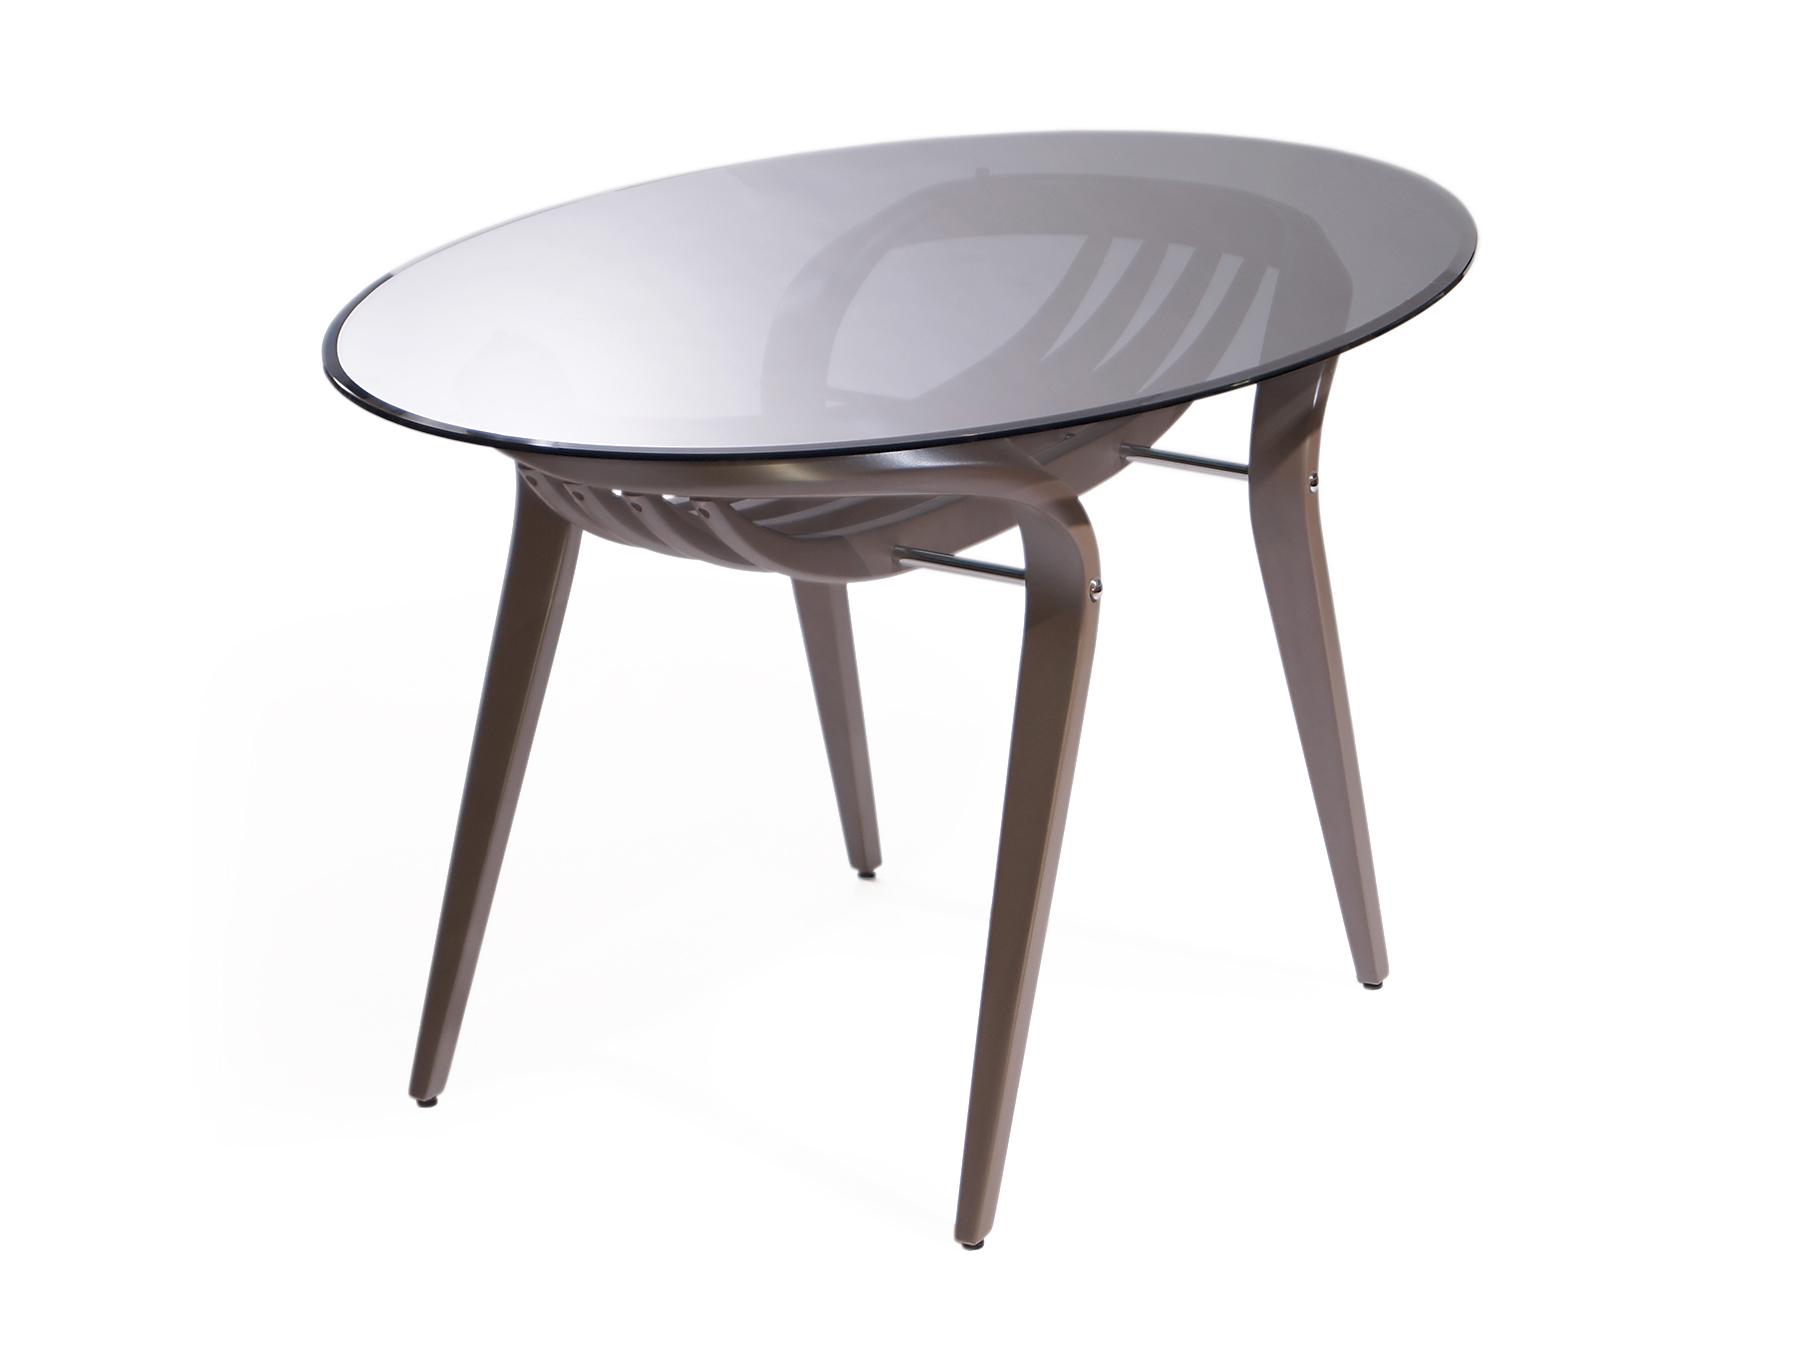 """Cтол обеденный AprioriОбеденные столы<br>В сегодняшнее время высоких технологий и динамичности, особой популярностью пользуется мебель, выполненная в стиле арт-деко, как, например этот обеденный стол """"Apriori"""". Пластичность натуральных материалов в сочетании со стеклянной столешницей дарят неповторимый шарм и легкость.<br><br>Material: Стекло<br>Ширина см: 80.0<br>Высота см: 75.0<br>Глубина см: 120.0"""